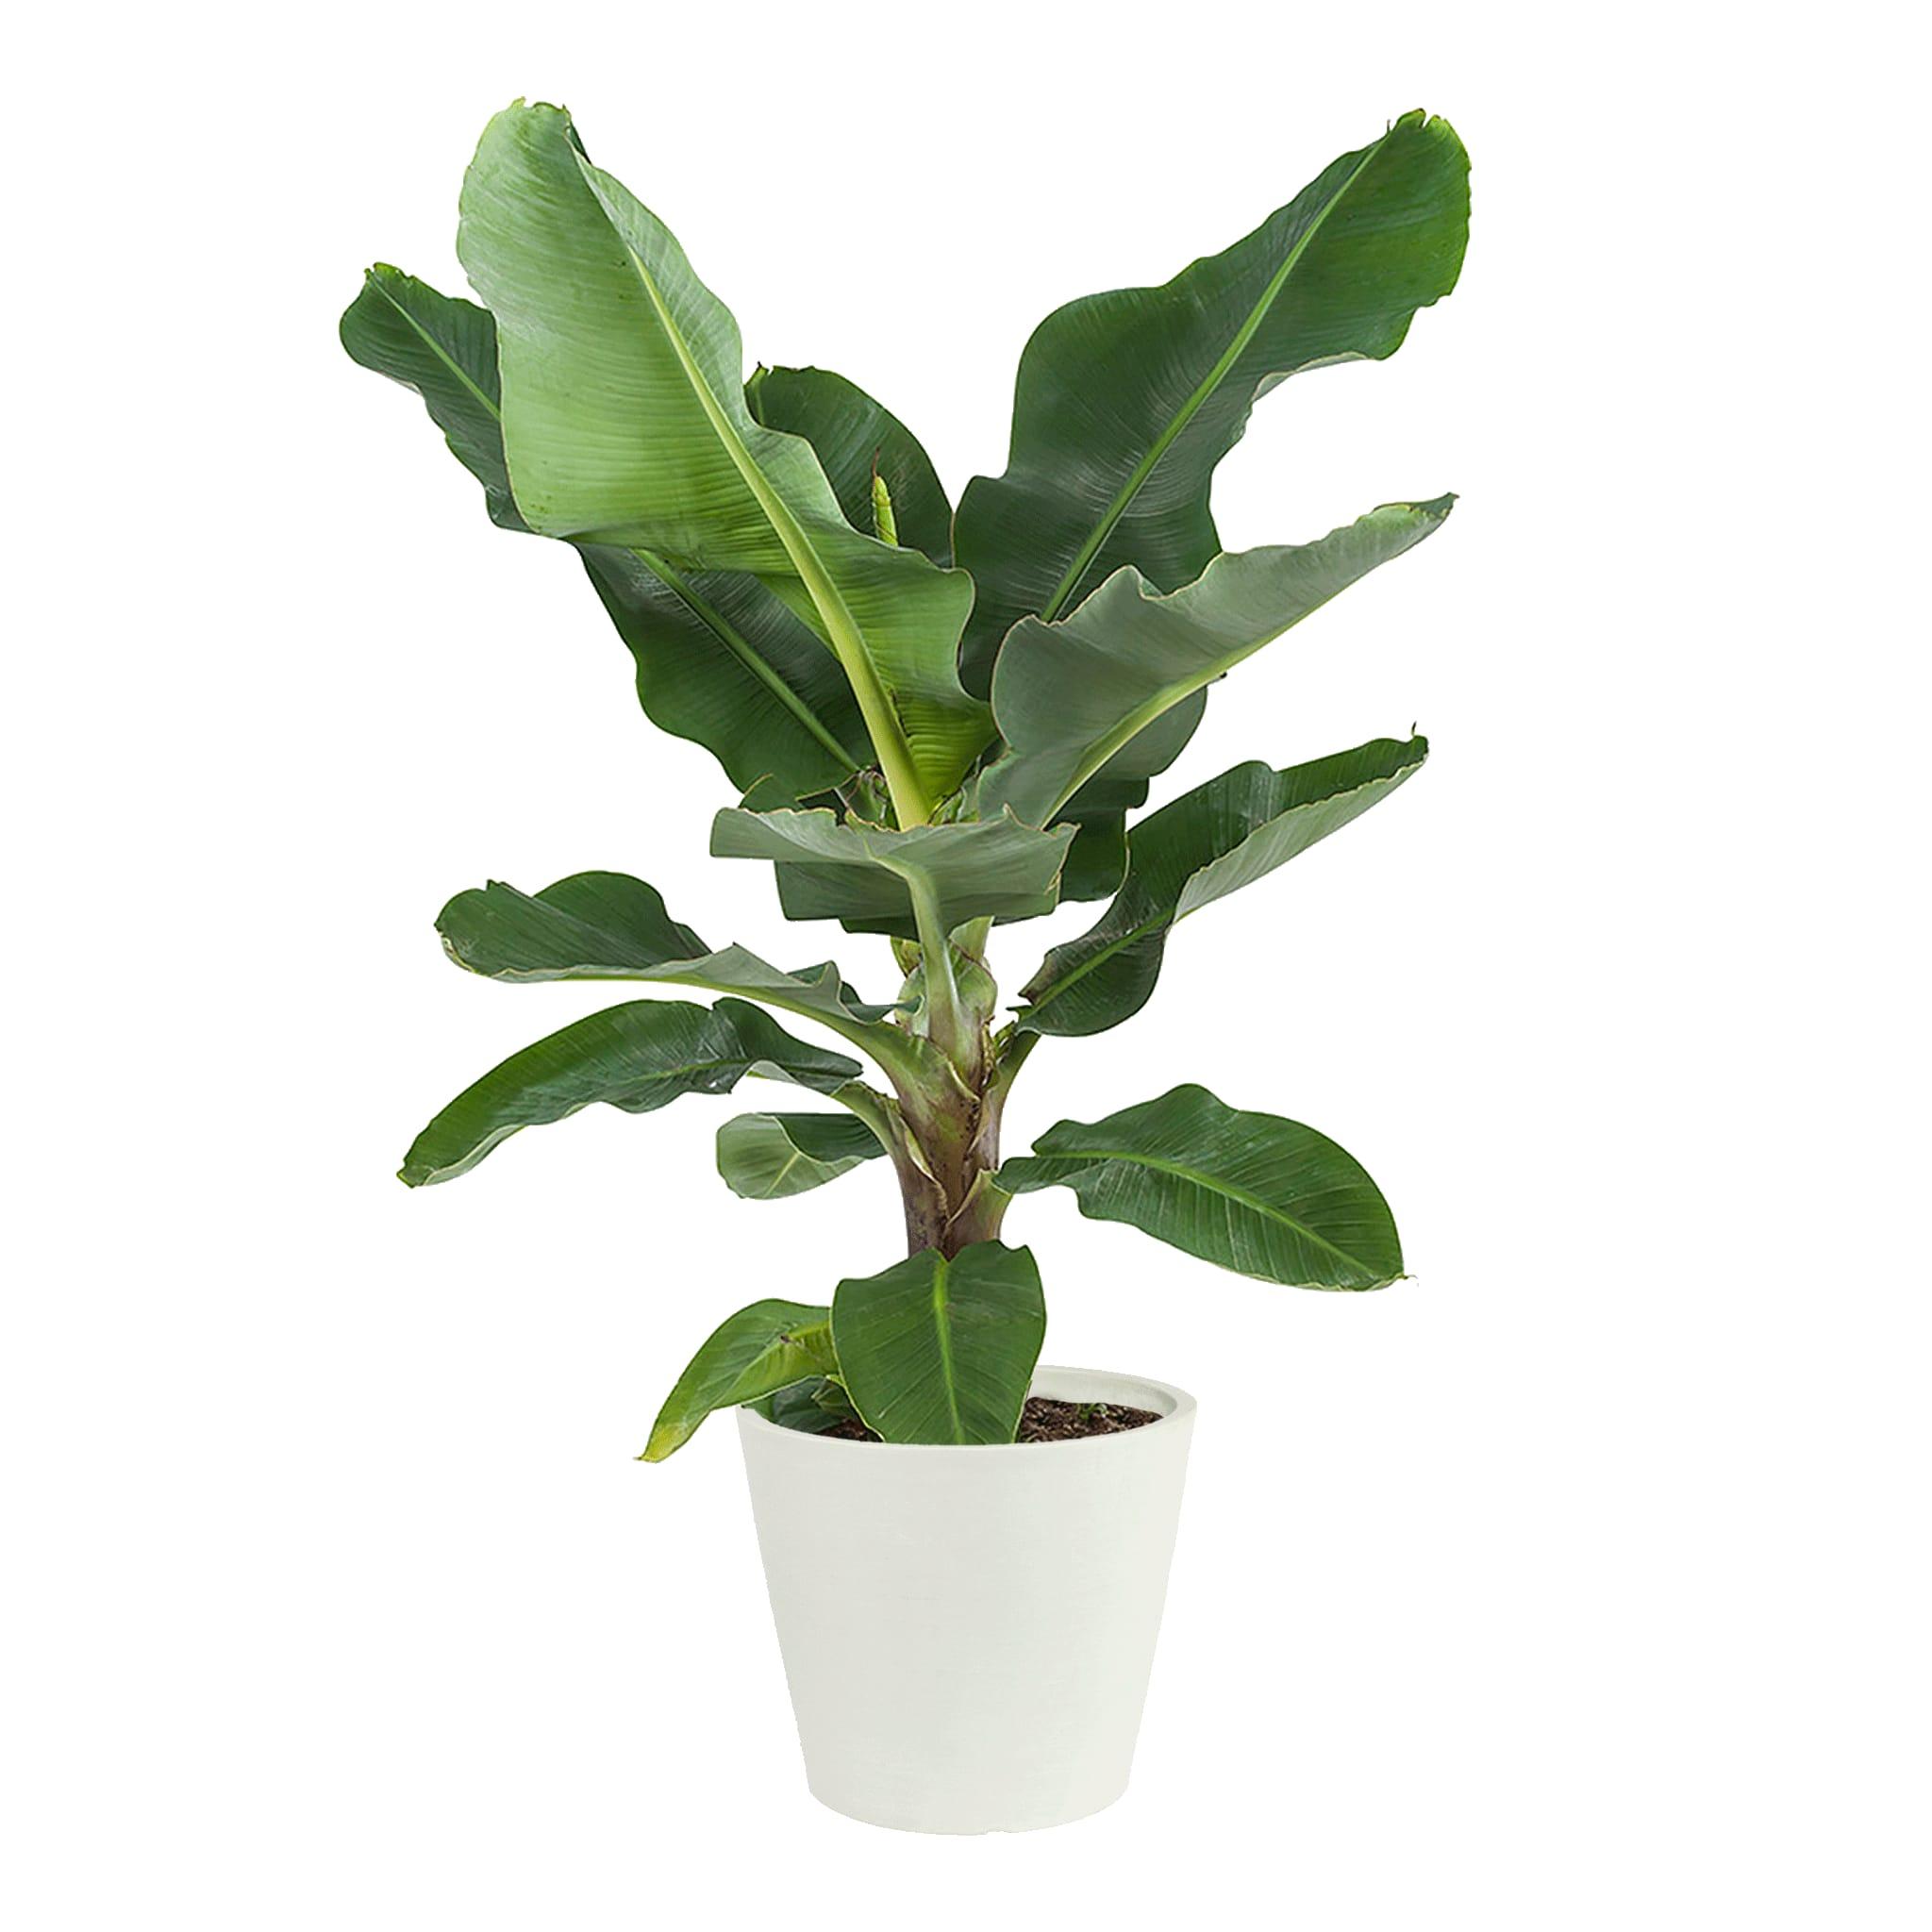 Plante d'intérieur - Bananier de 80 cm en pot blanc gris